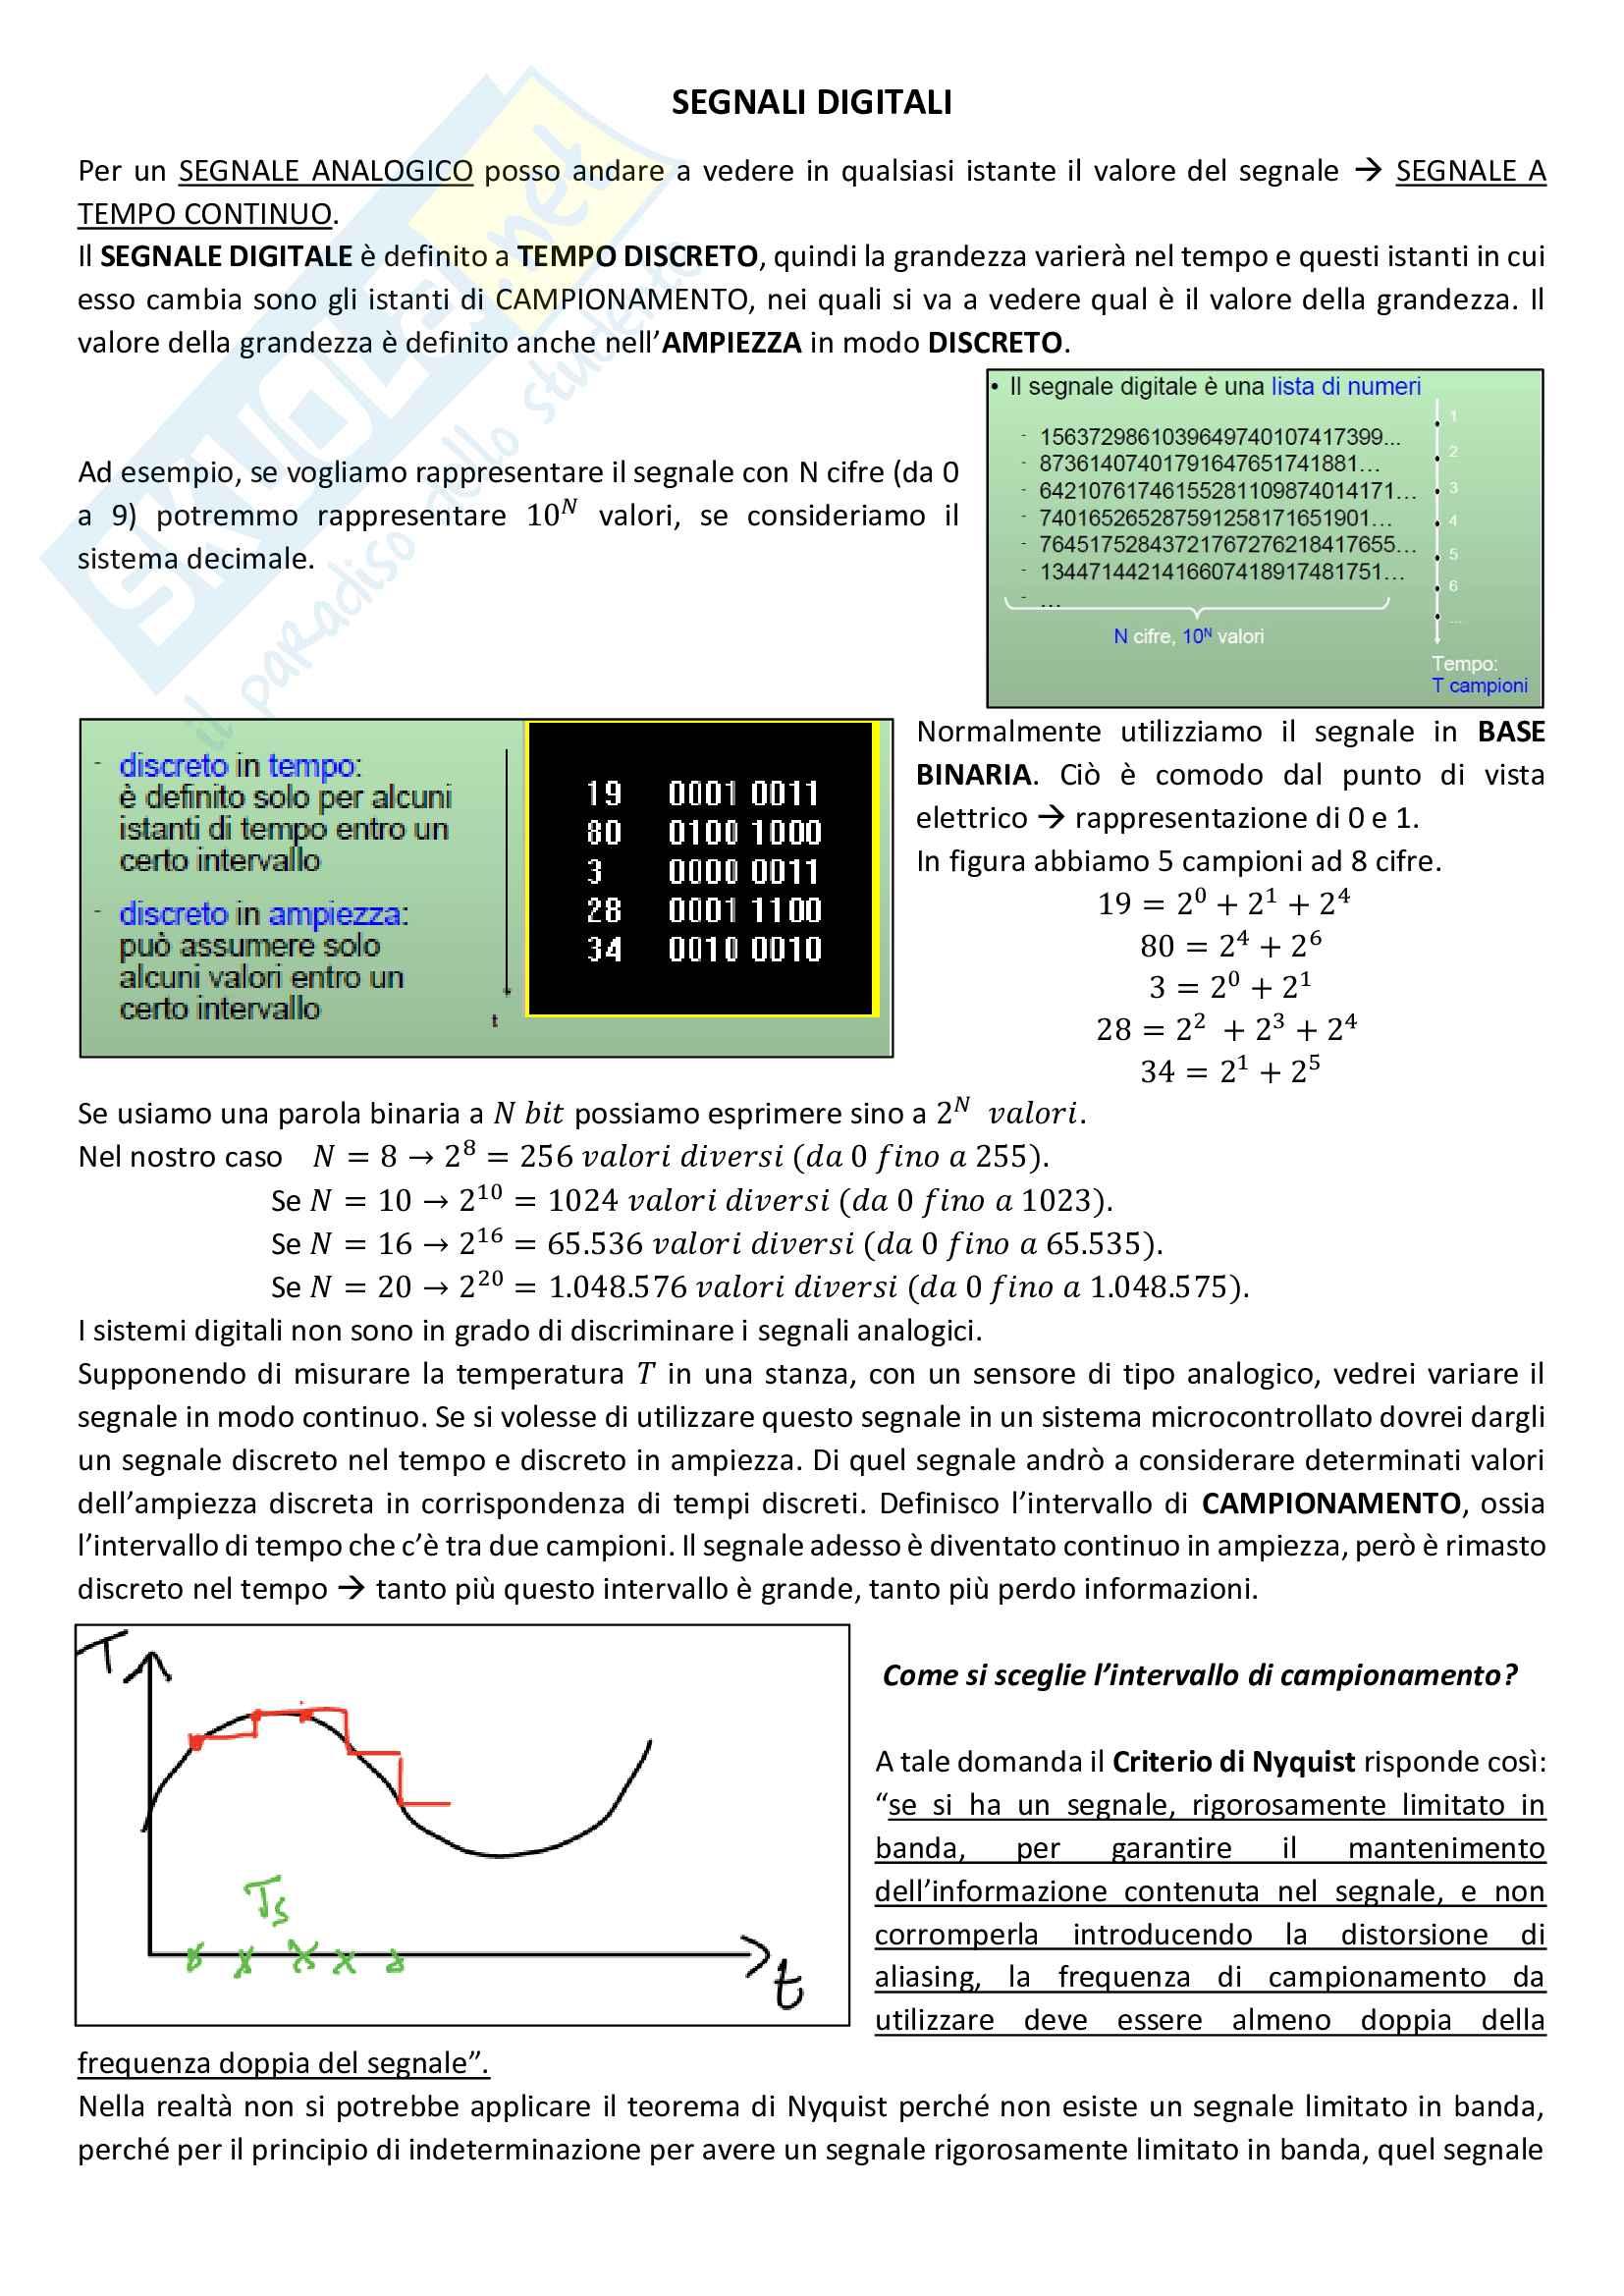 Appunti corso completo Progettazione Dispositivi Biomedici Programmabili